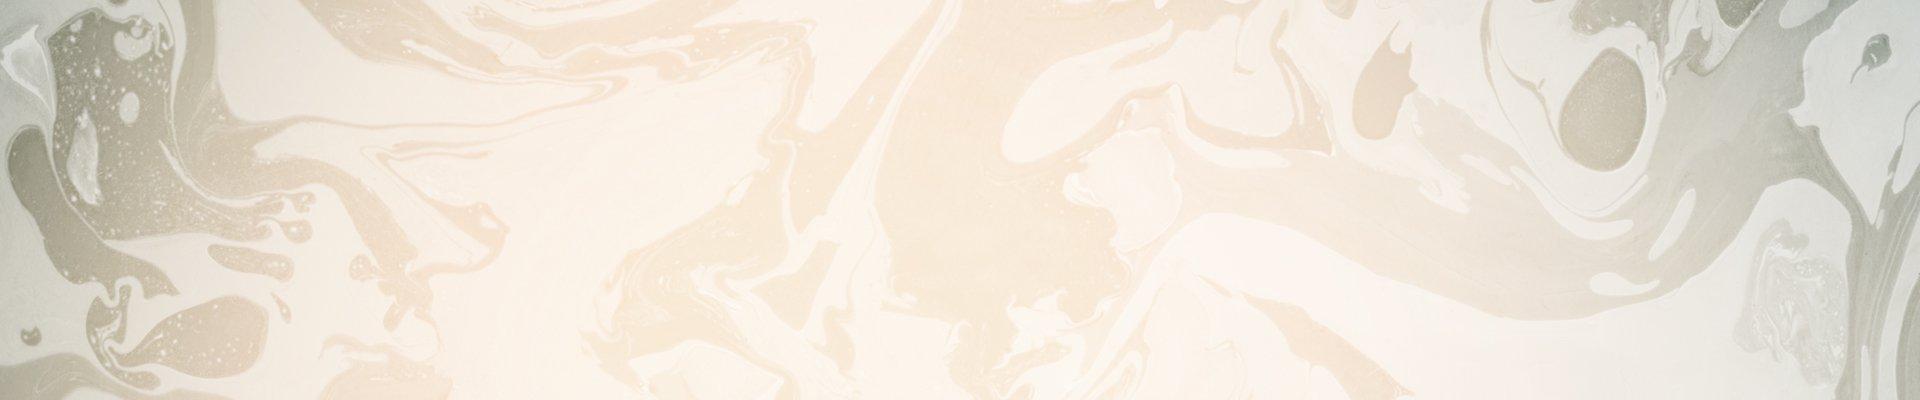 FFK Slynk slider banner 1920×400